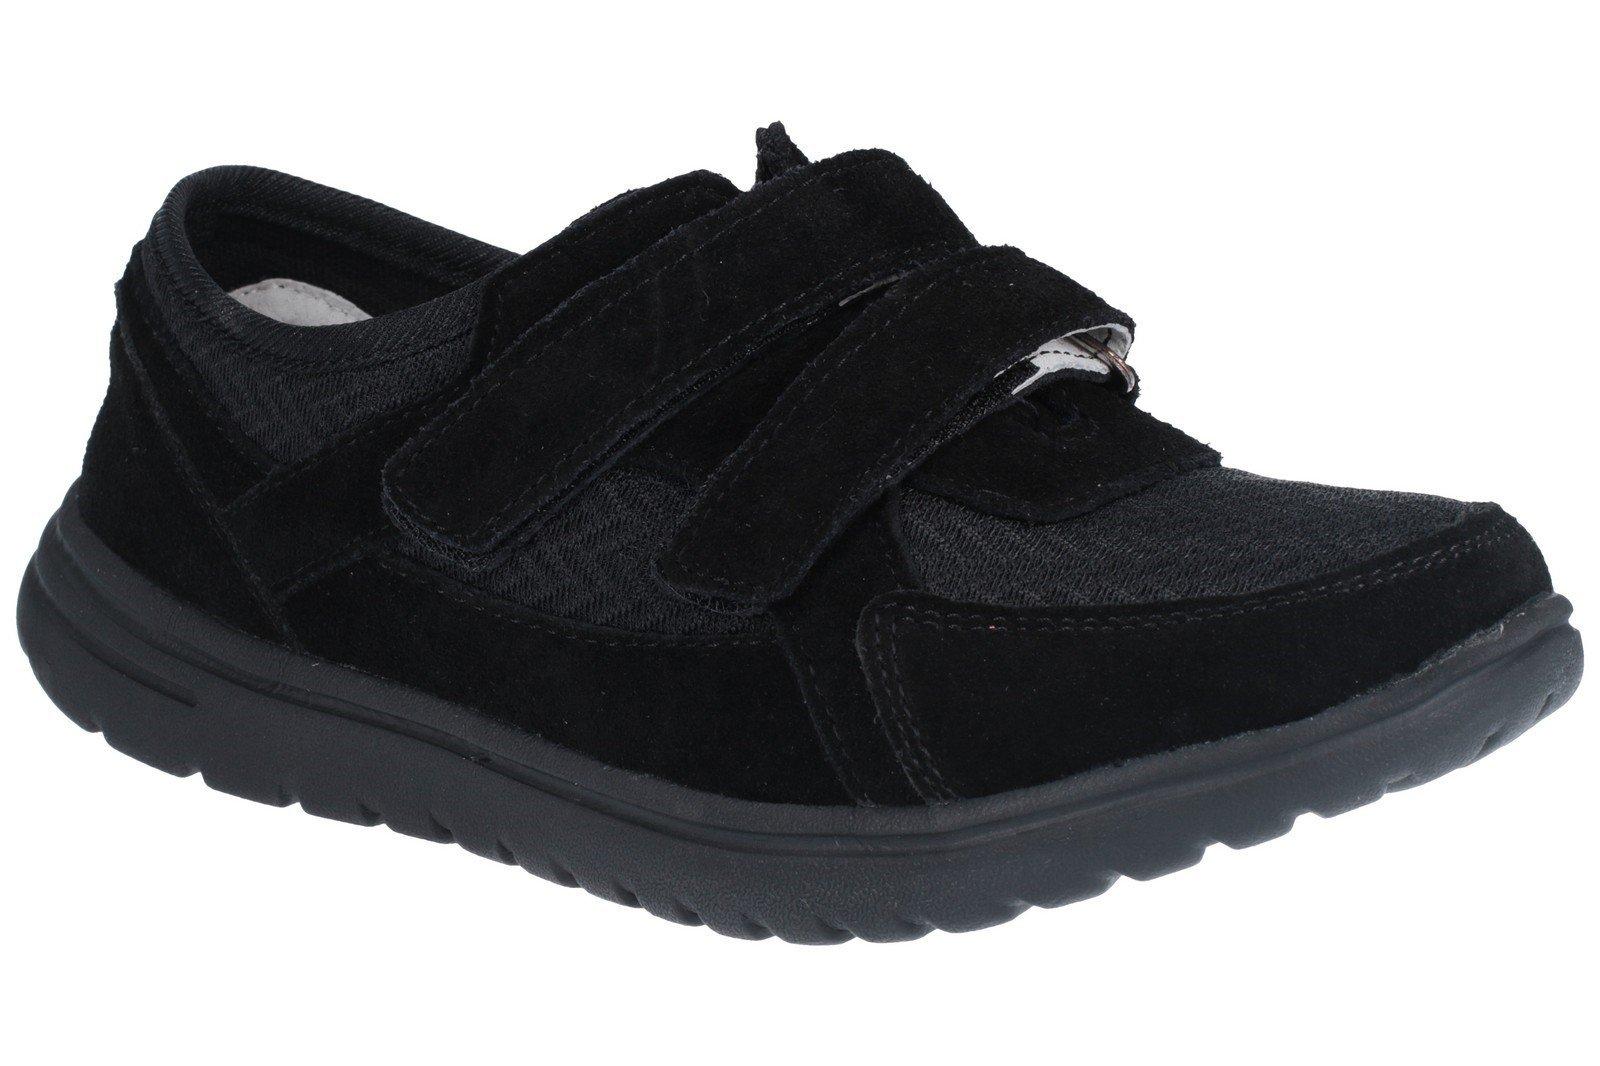 Fleet & Foster Women's Jean Touch Fasten Shoe Black 27154-45624 - Black 3